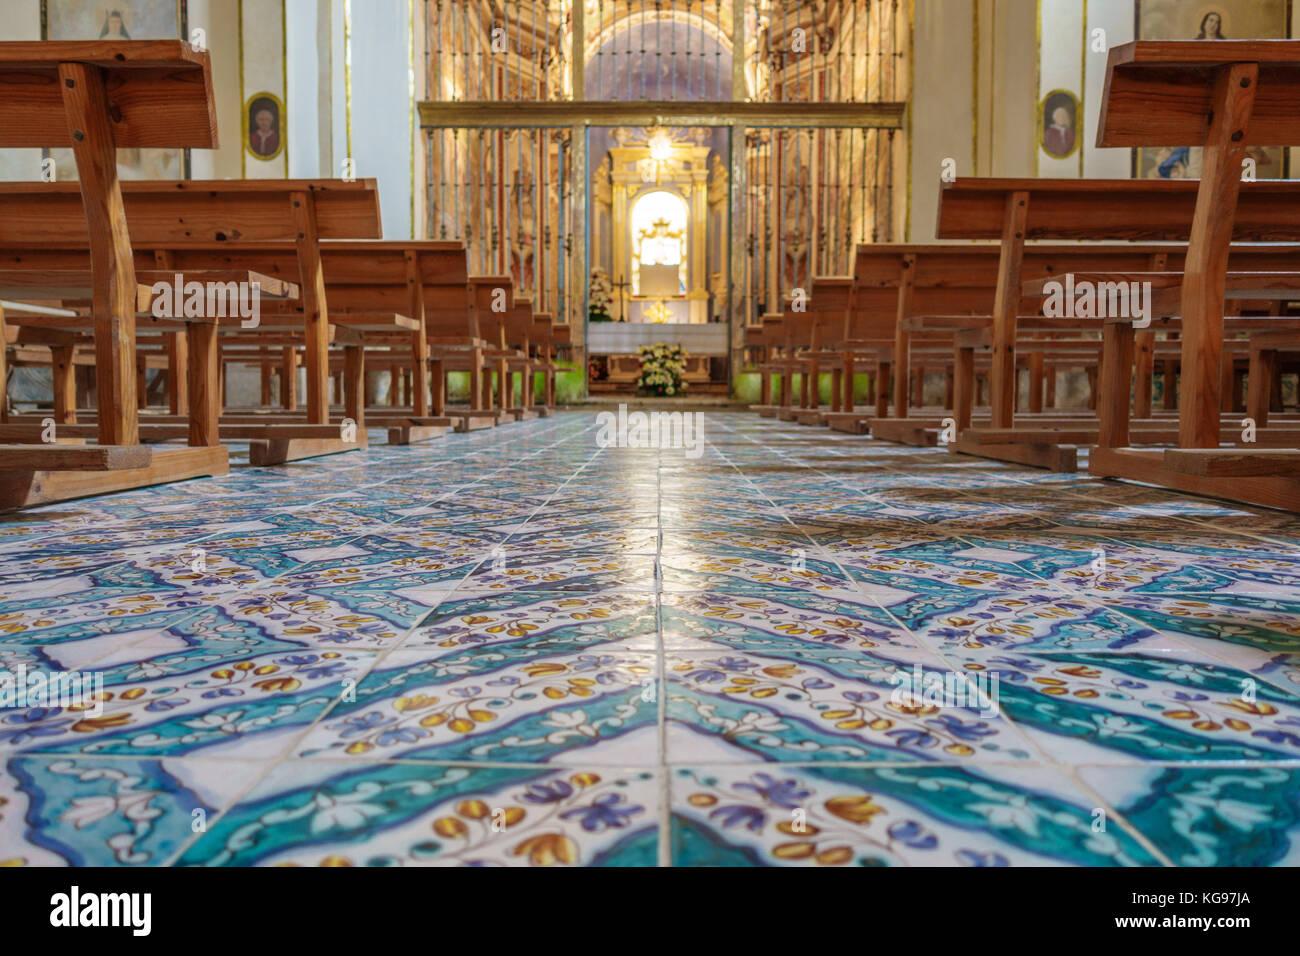 Vintage piastrelle per pavimento all interno della vecchia chiesa